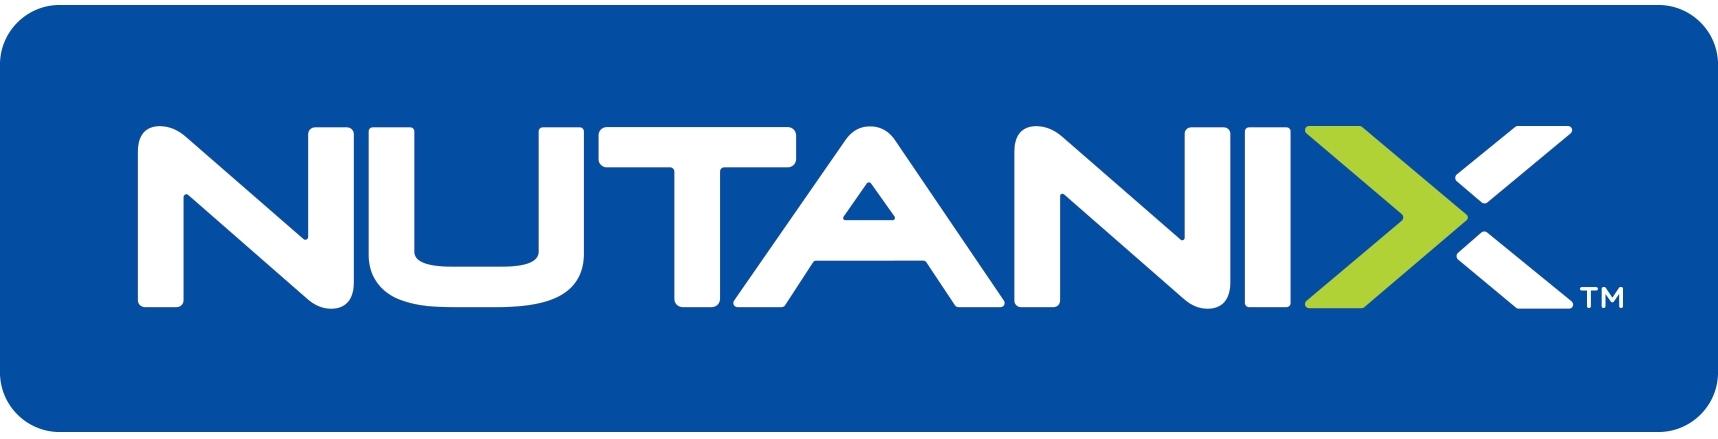 Image result for nutanix